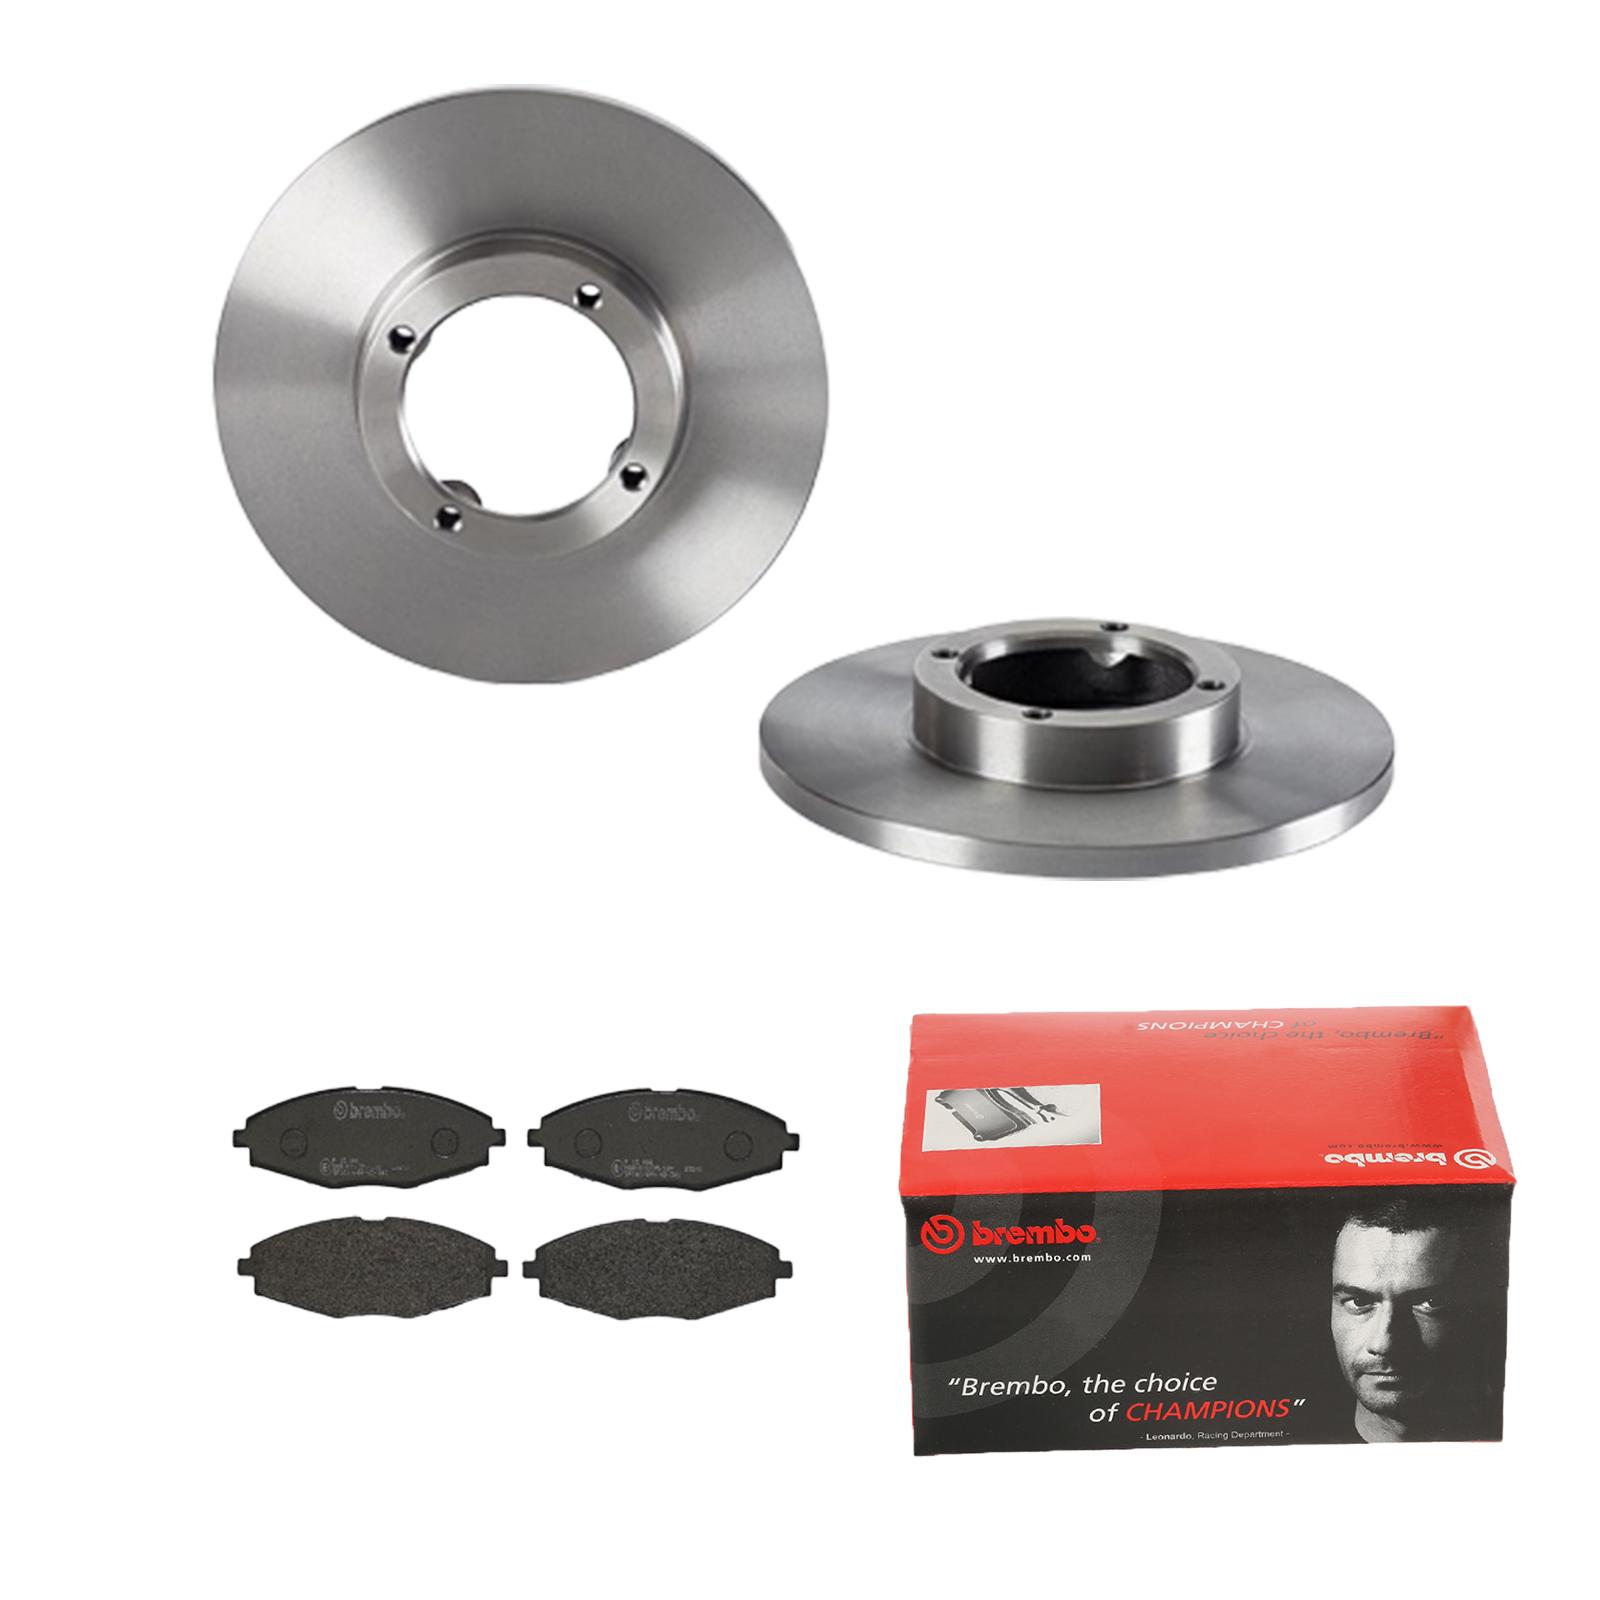 BREMBO2 Bremsscheiben belüftet Ø235 mm Beläge vorne für Mazda 1010-5 1 NA